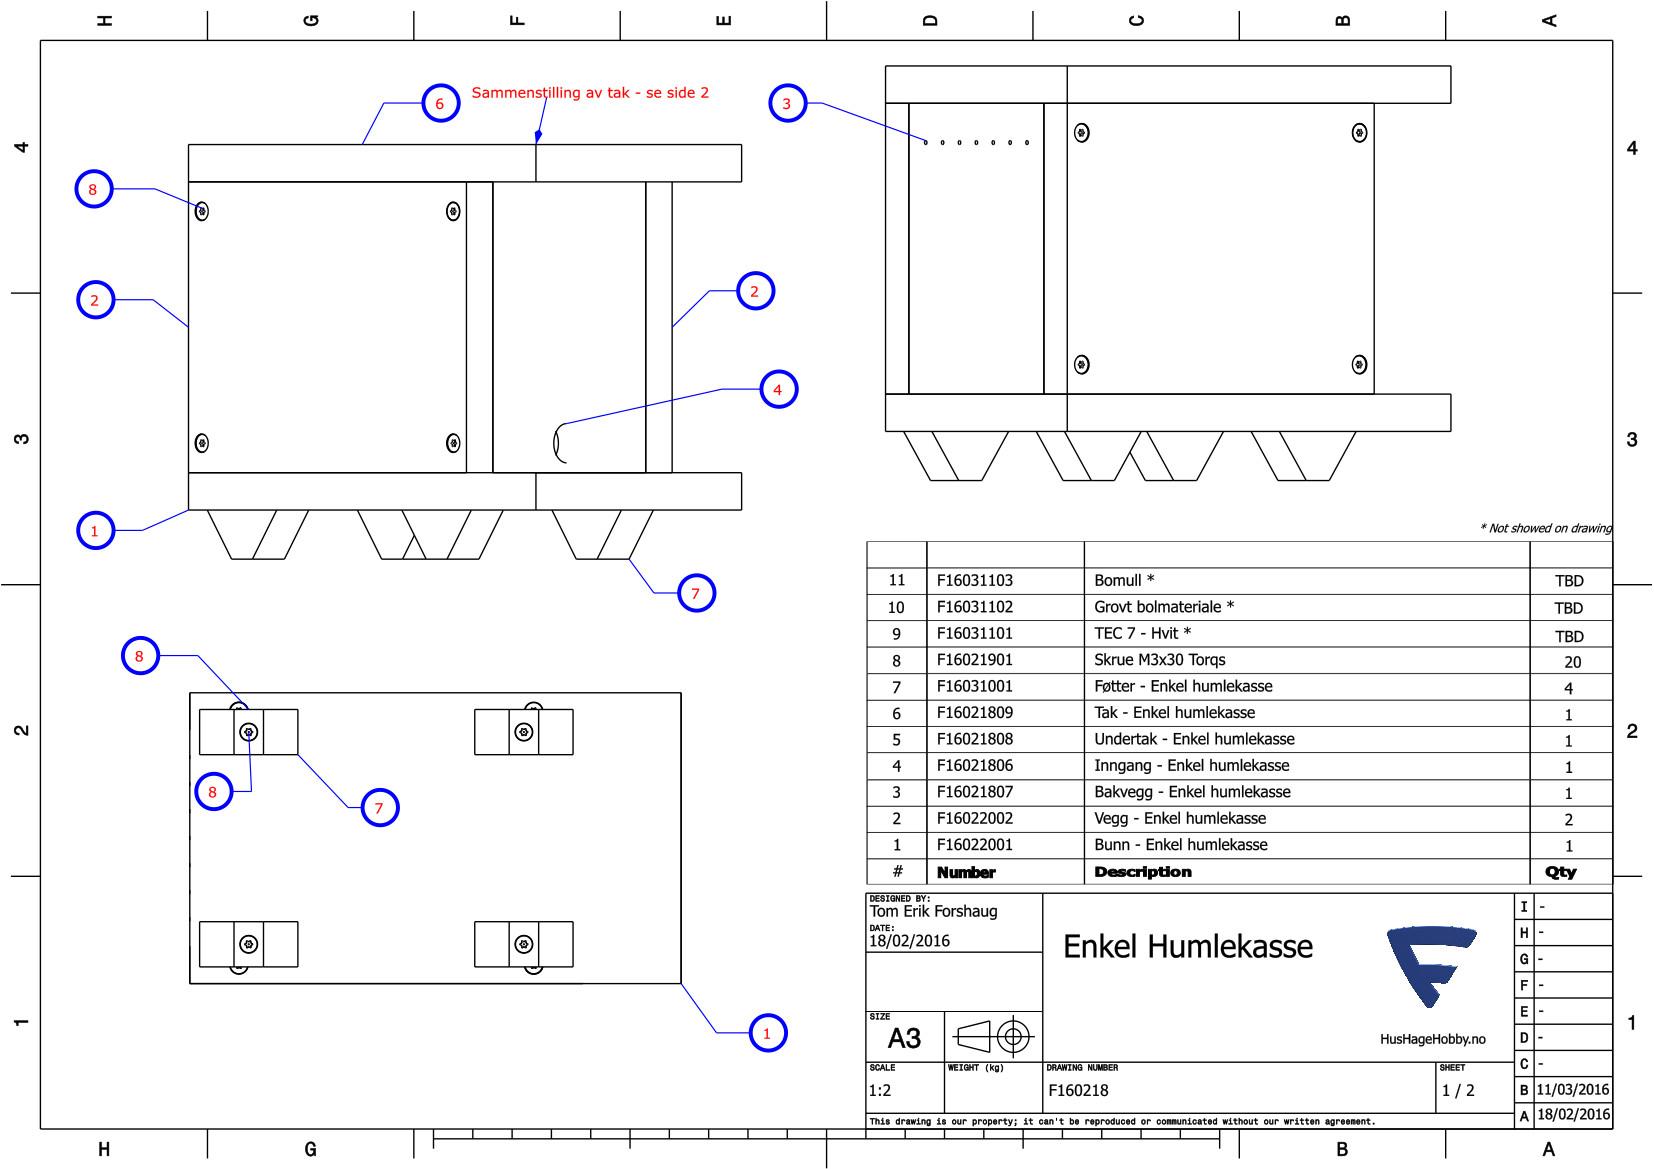 F16021801 - Enkel humlekasse 1